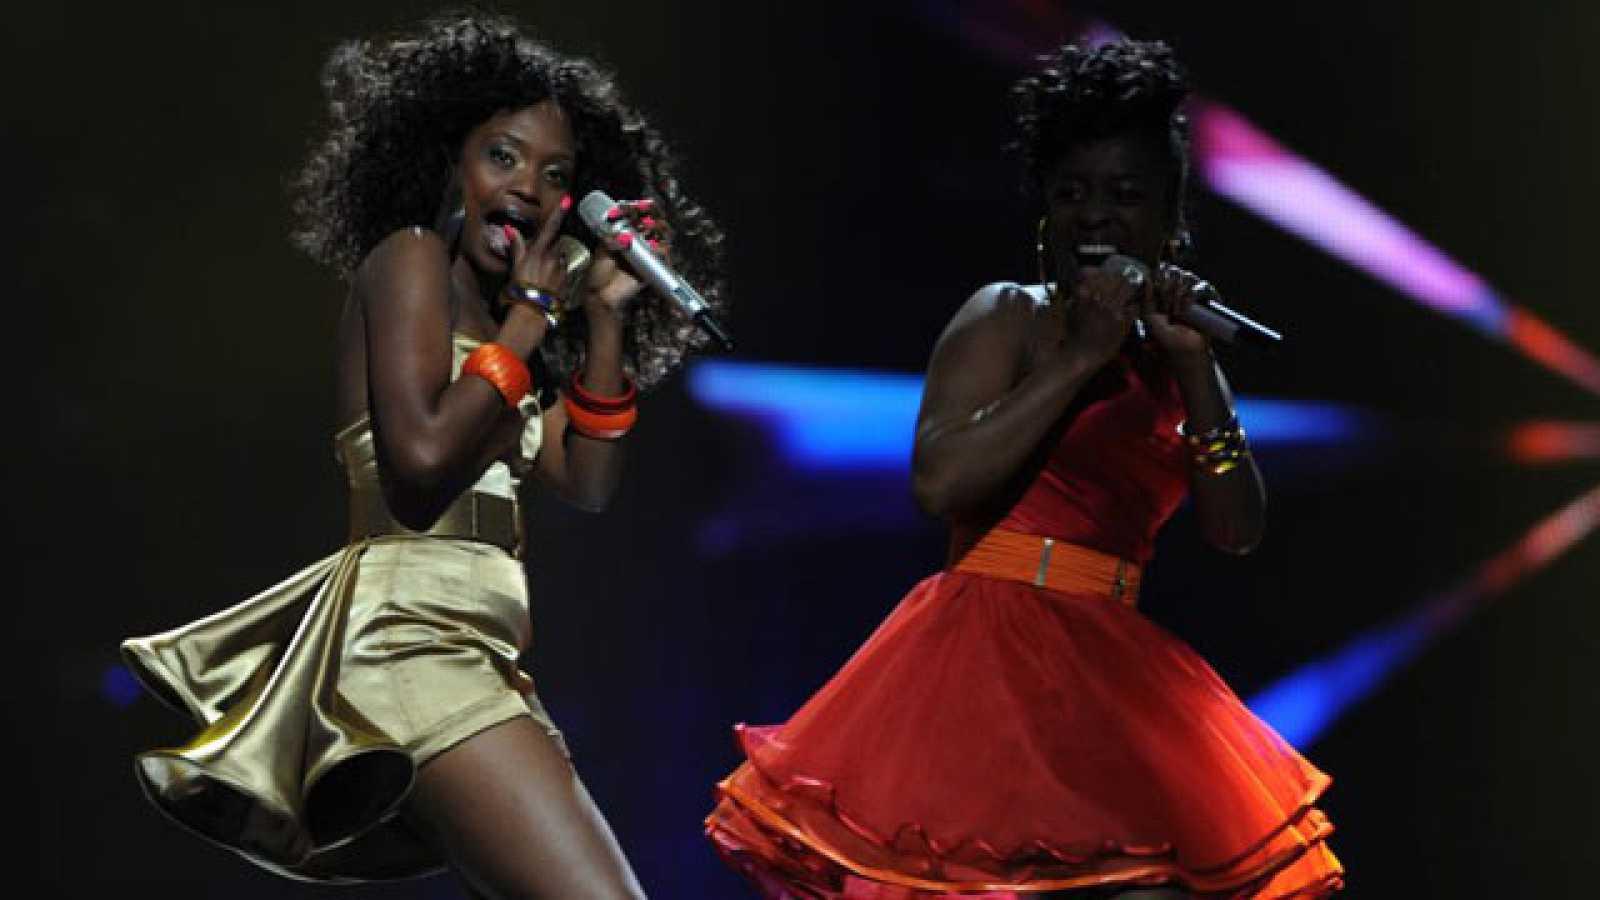 Eurovisión 2011 - 1ª semifinal - Noruega